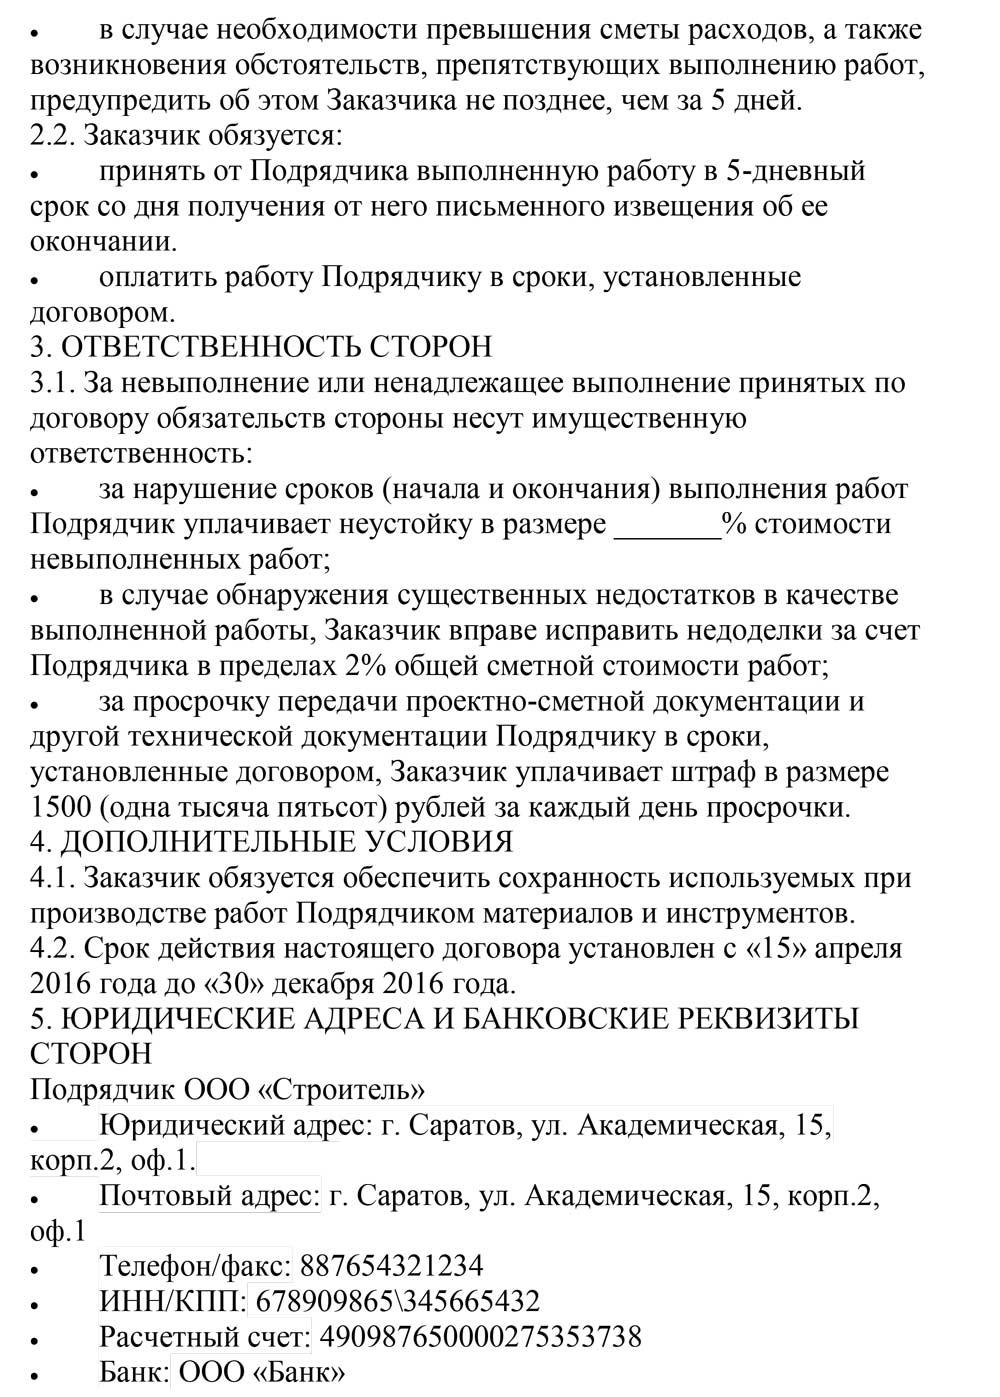 Договор на выполнение строительных работ 2